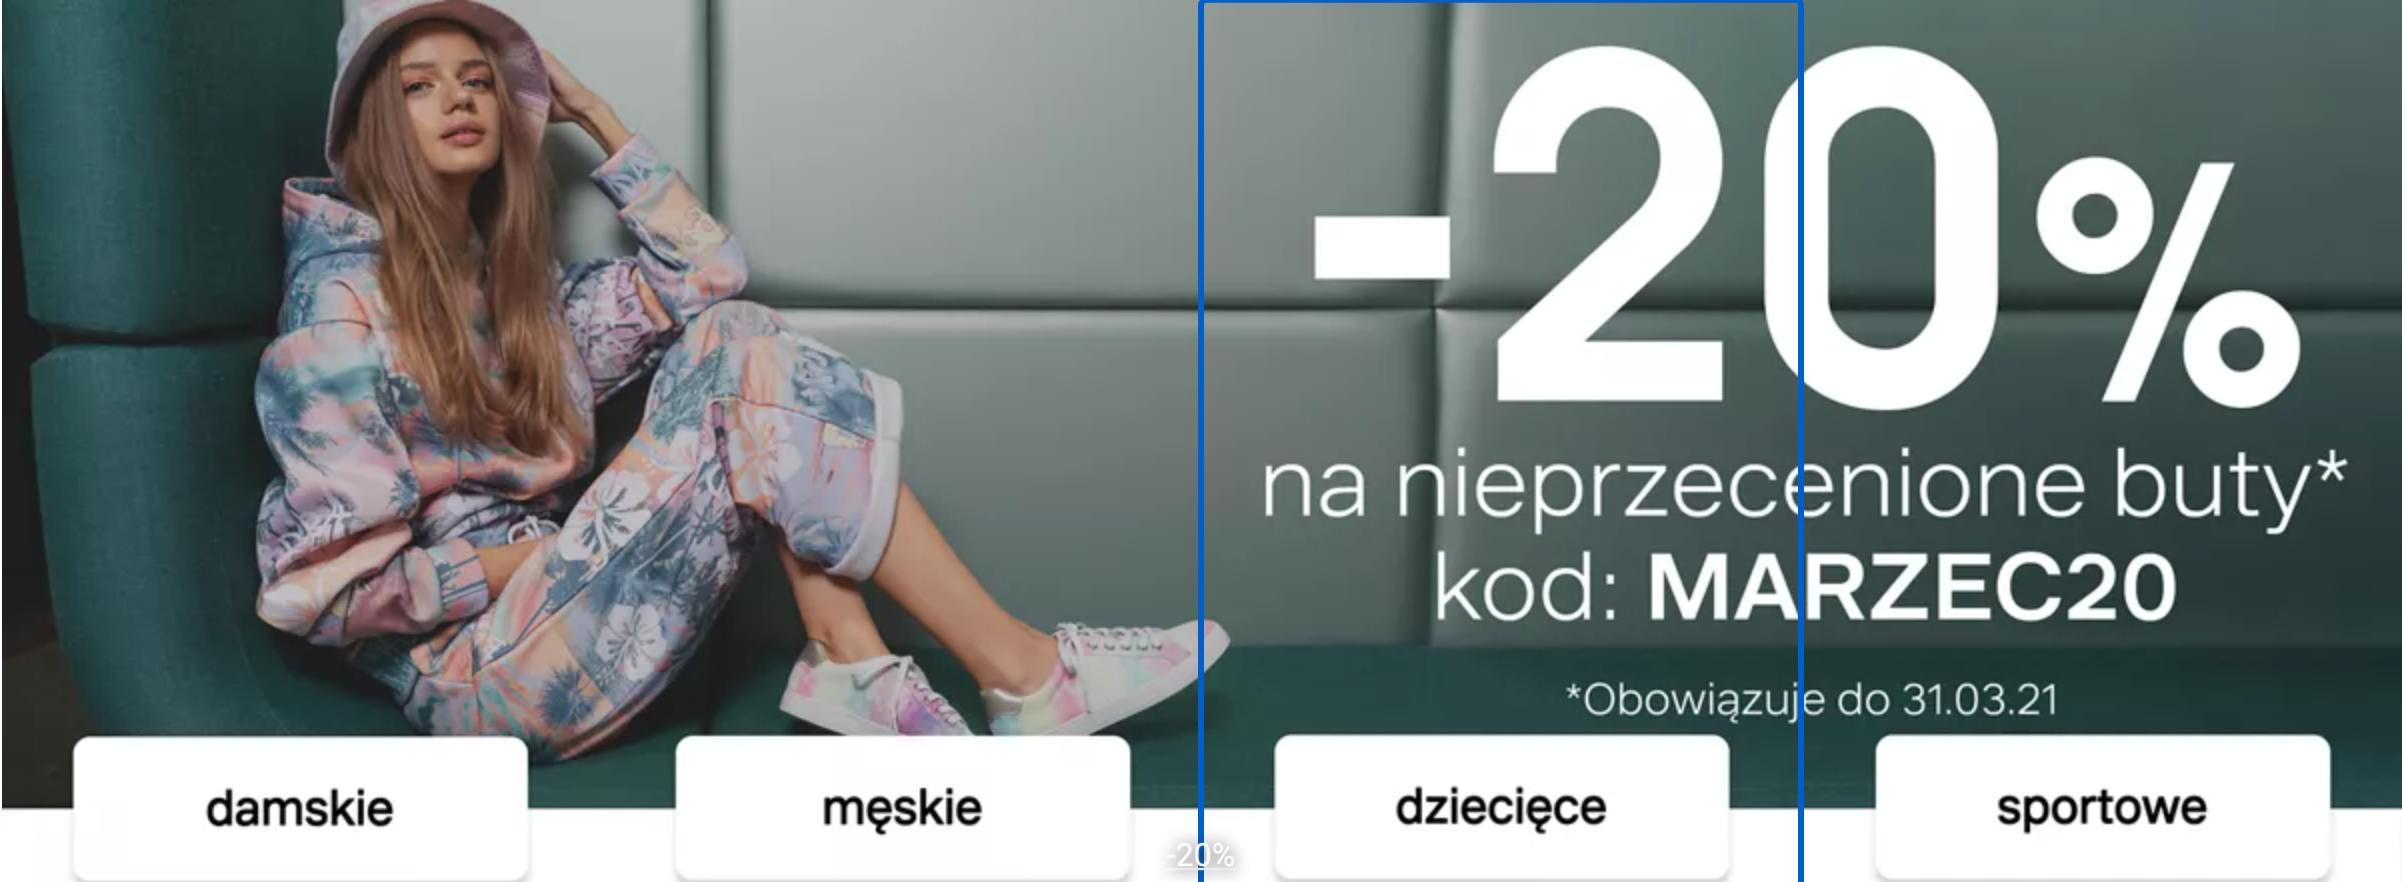 Deichmann Deichmann: 20% rabatu na nieprzecenione buty damskie, męskie i dziecięce